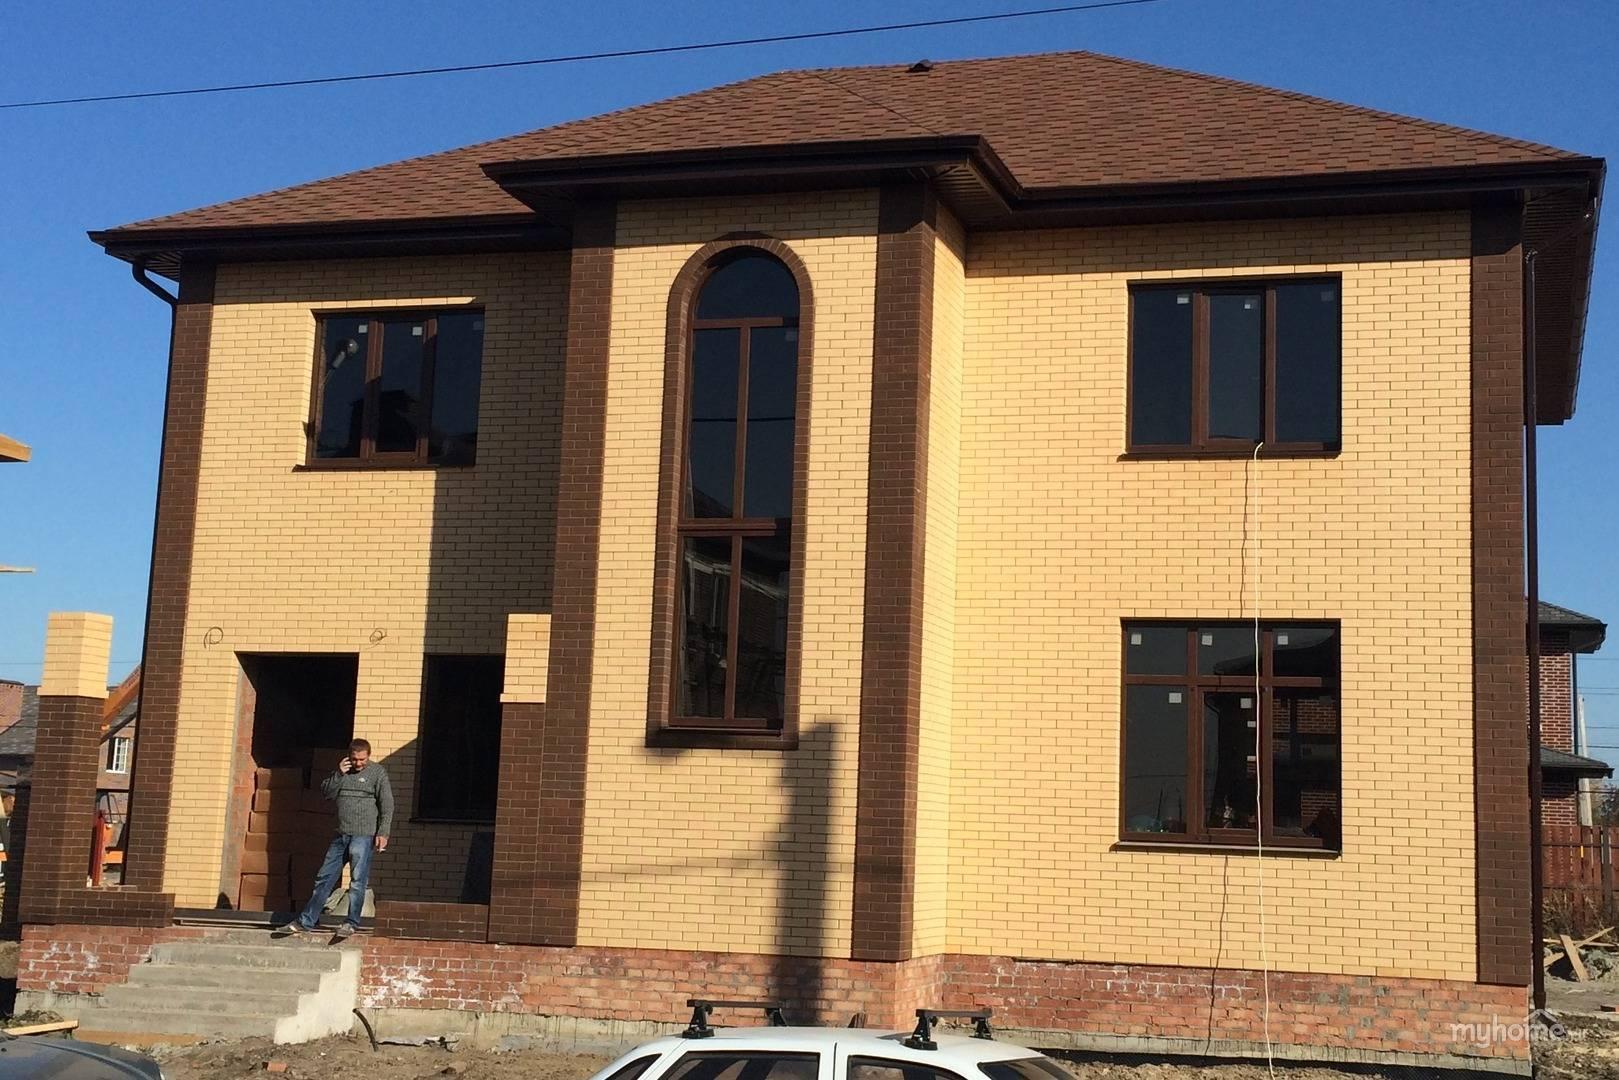 Дом из облицовочного кирпича цвет солома - строительный журнал palitrabazar.ru